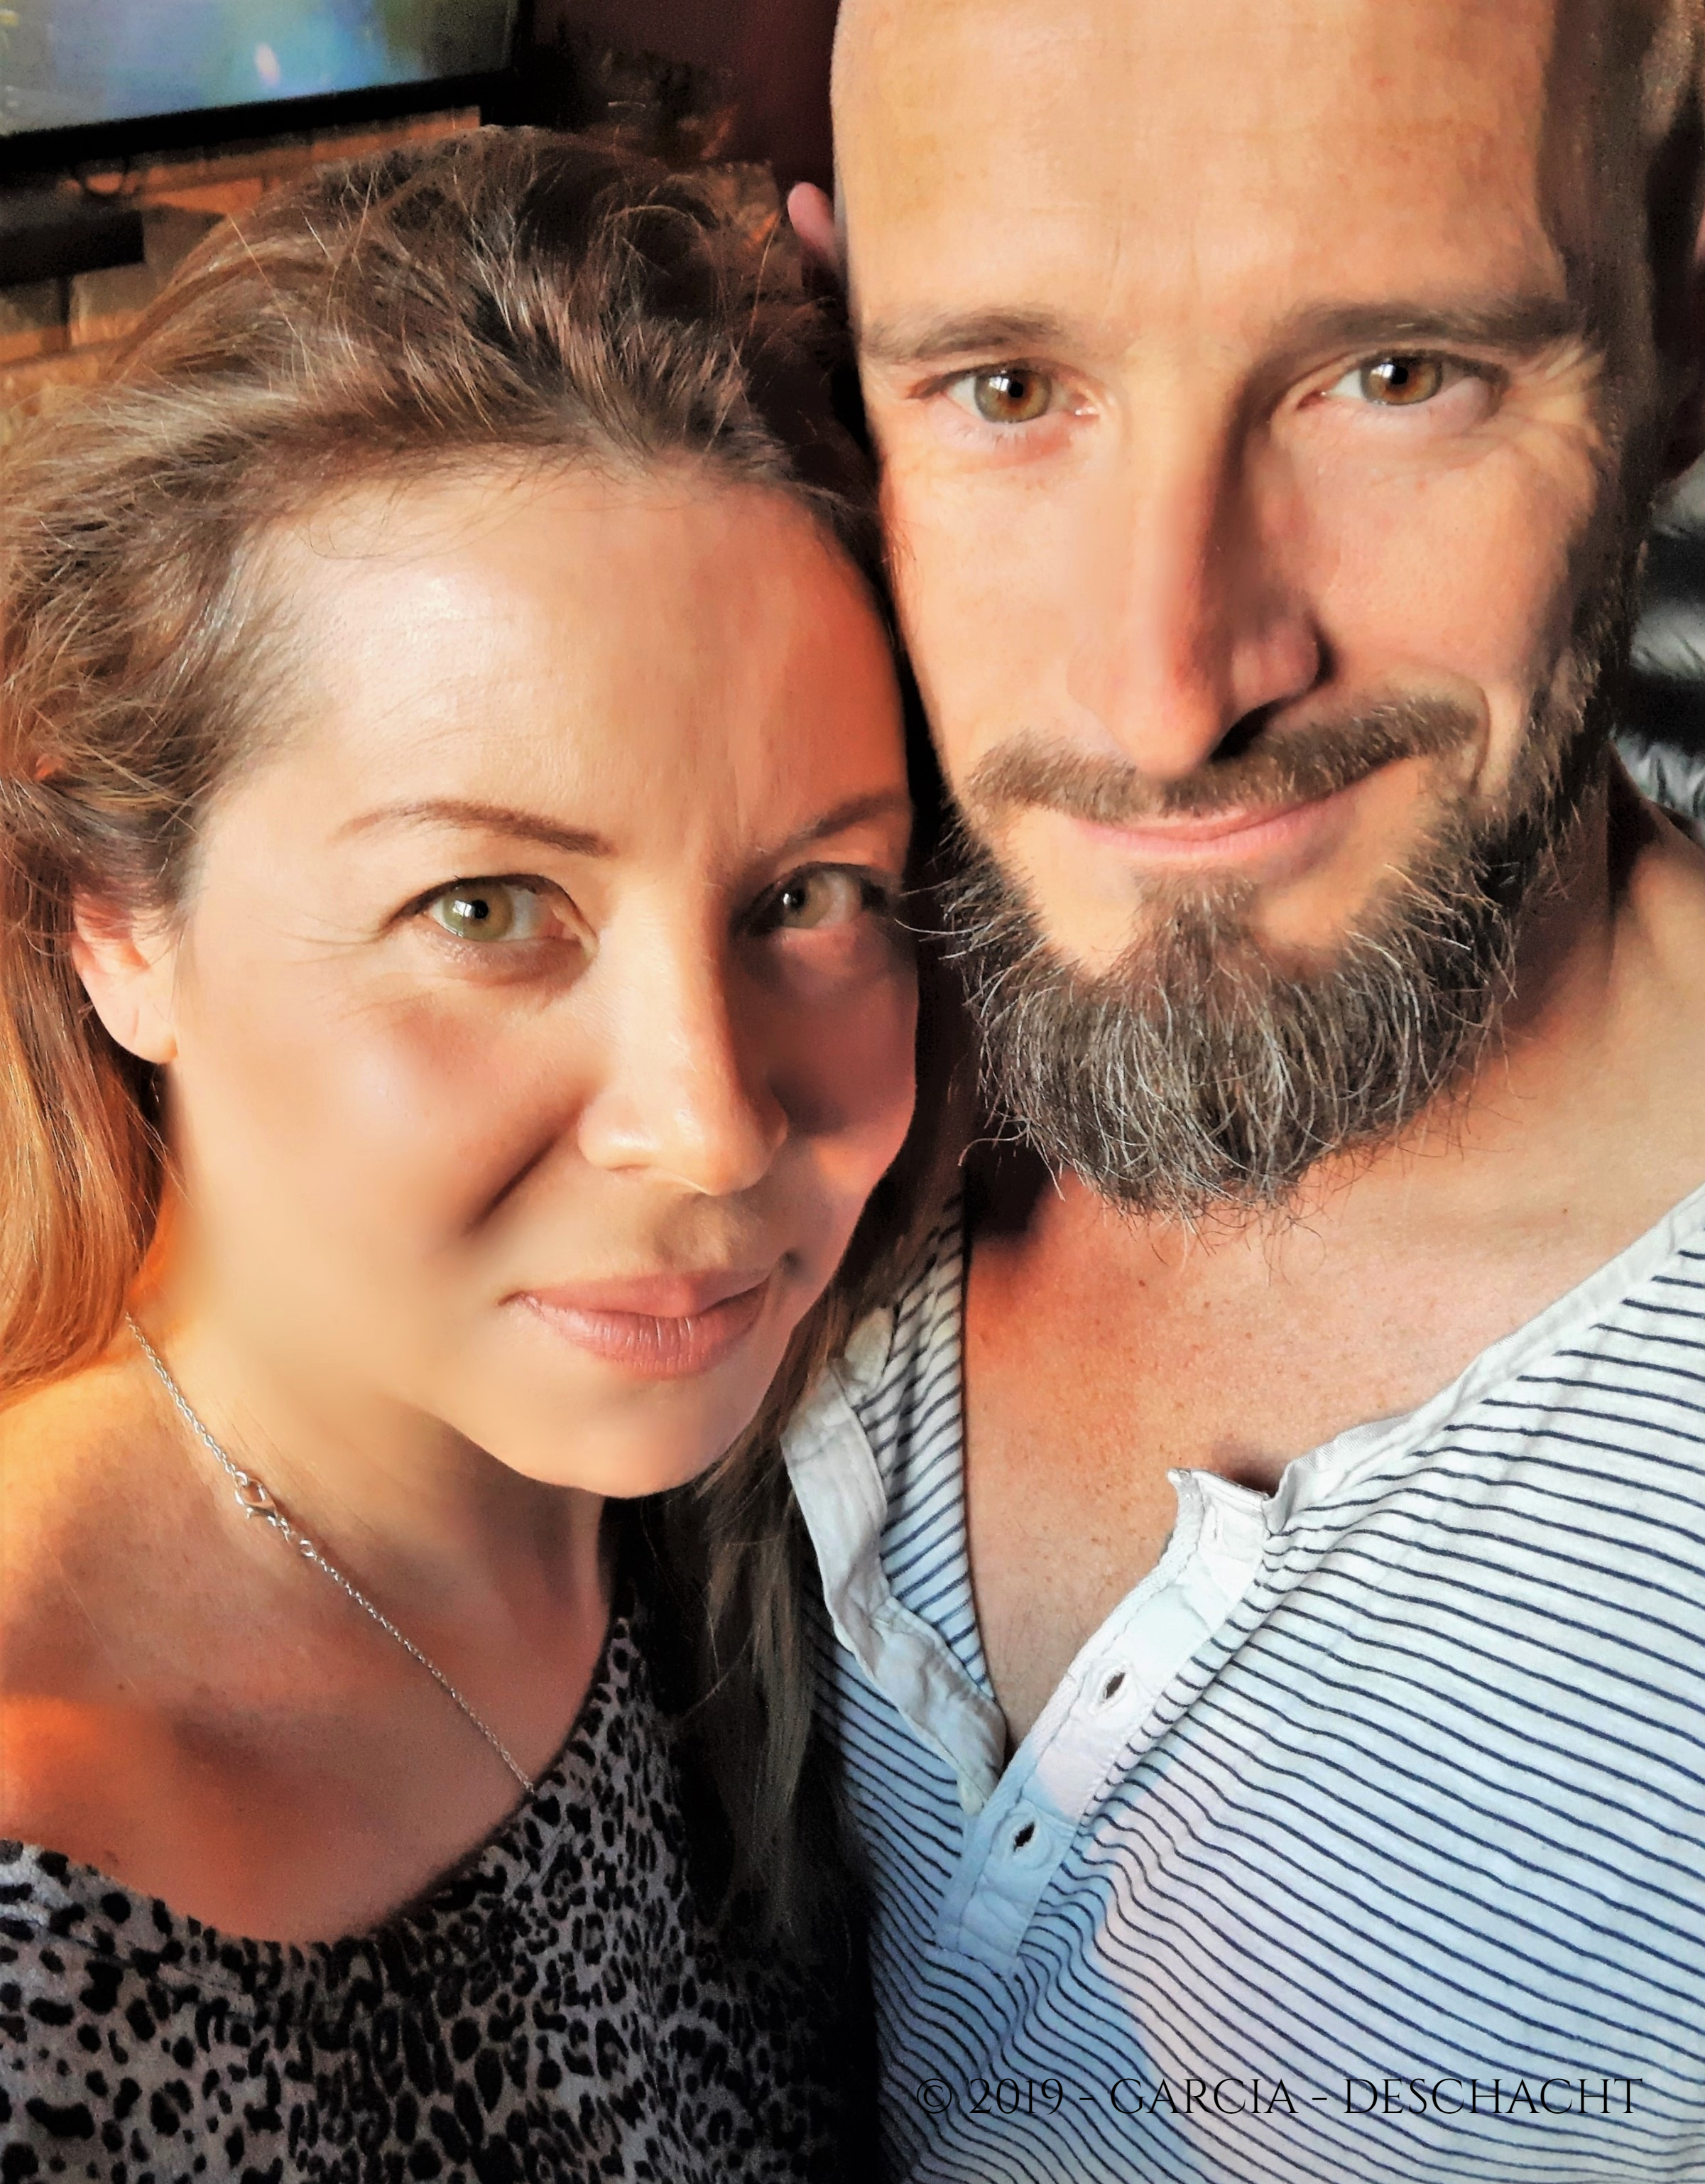 Andy Deschacht and Laura Garcia Belli